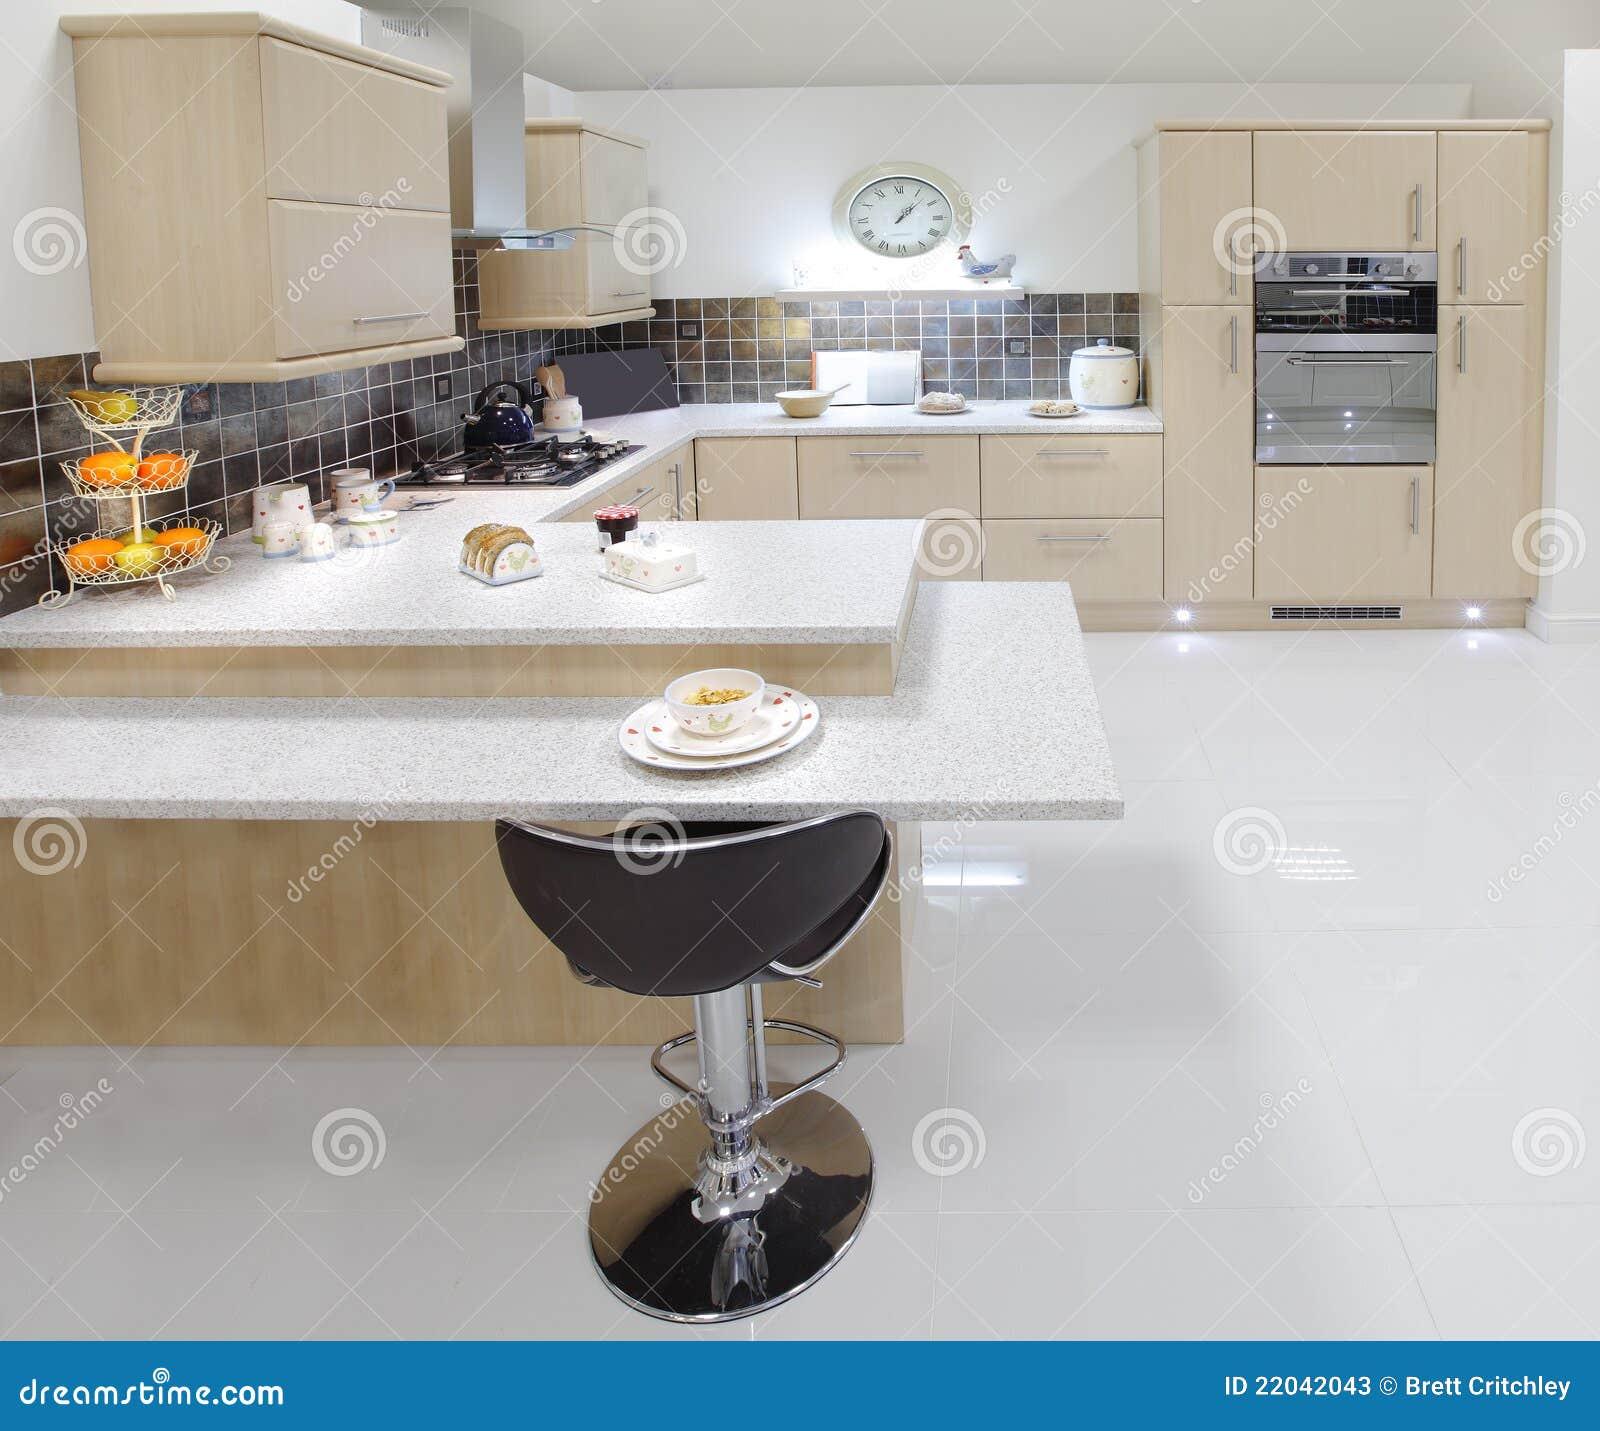 Buk Dostosowywająca Kuchnia Nowa Zdjęcia Stock  Obraz   -> Kuchnia Weglowa Nowa